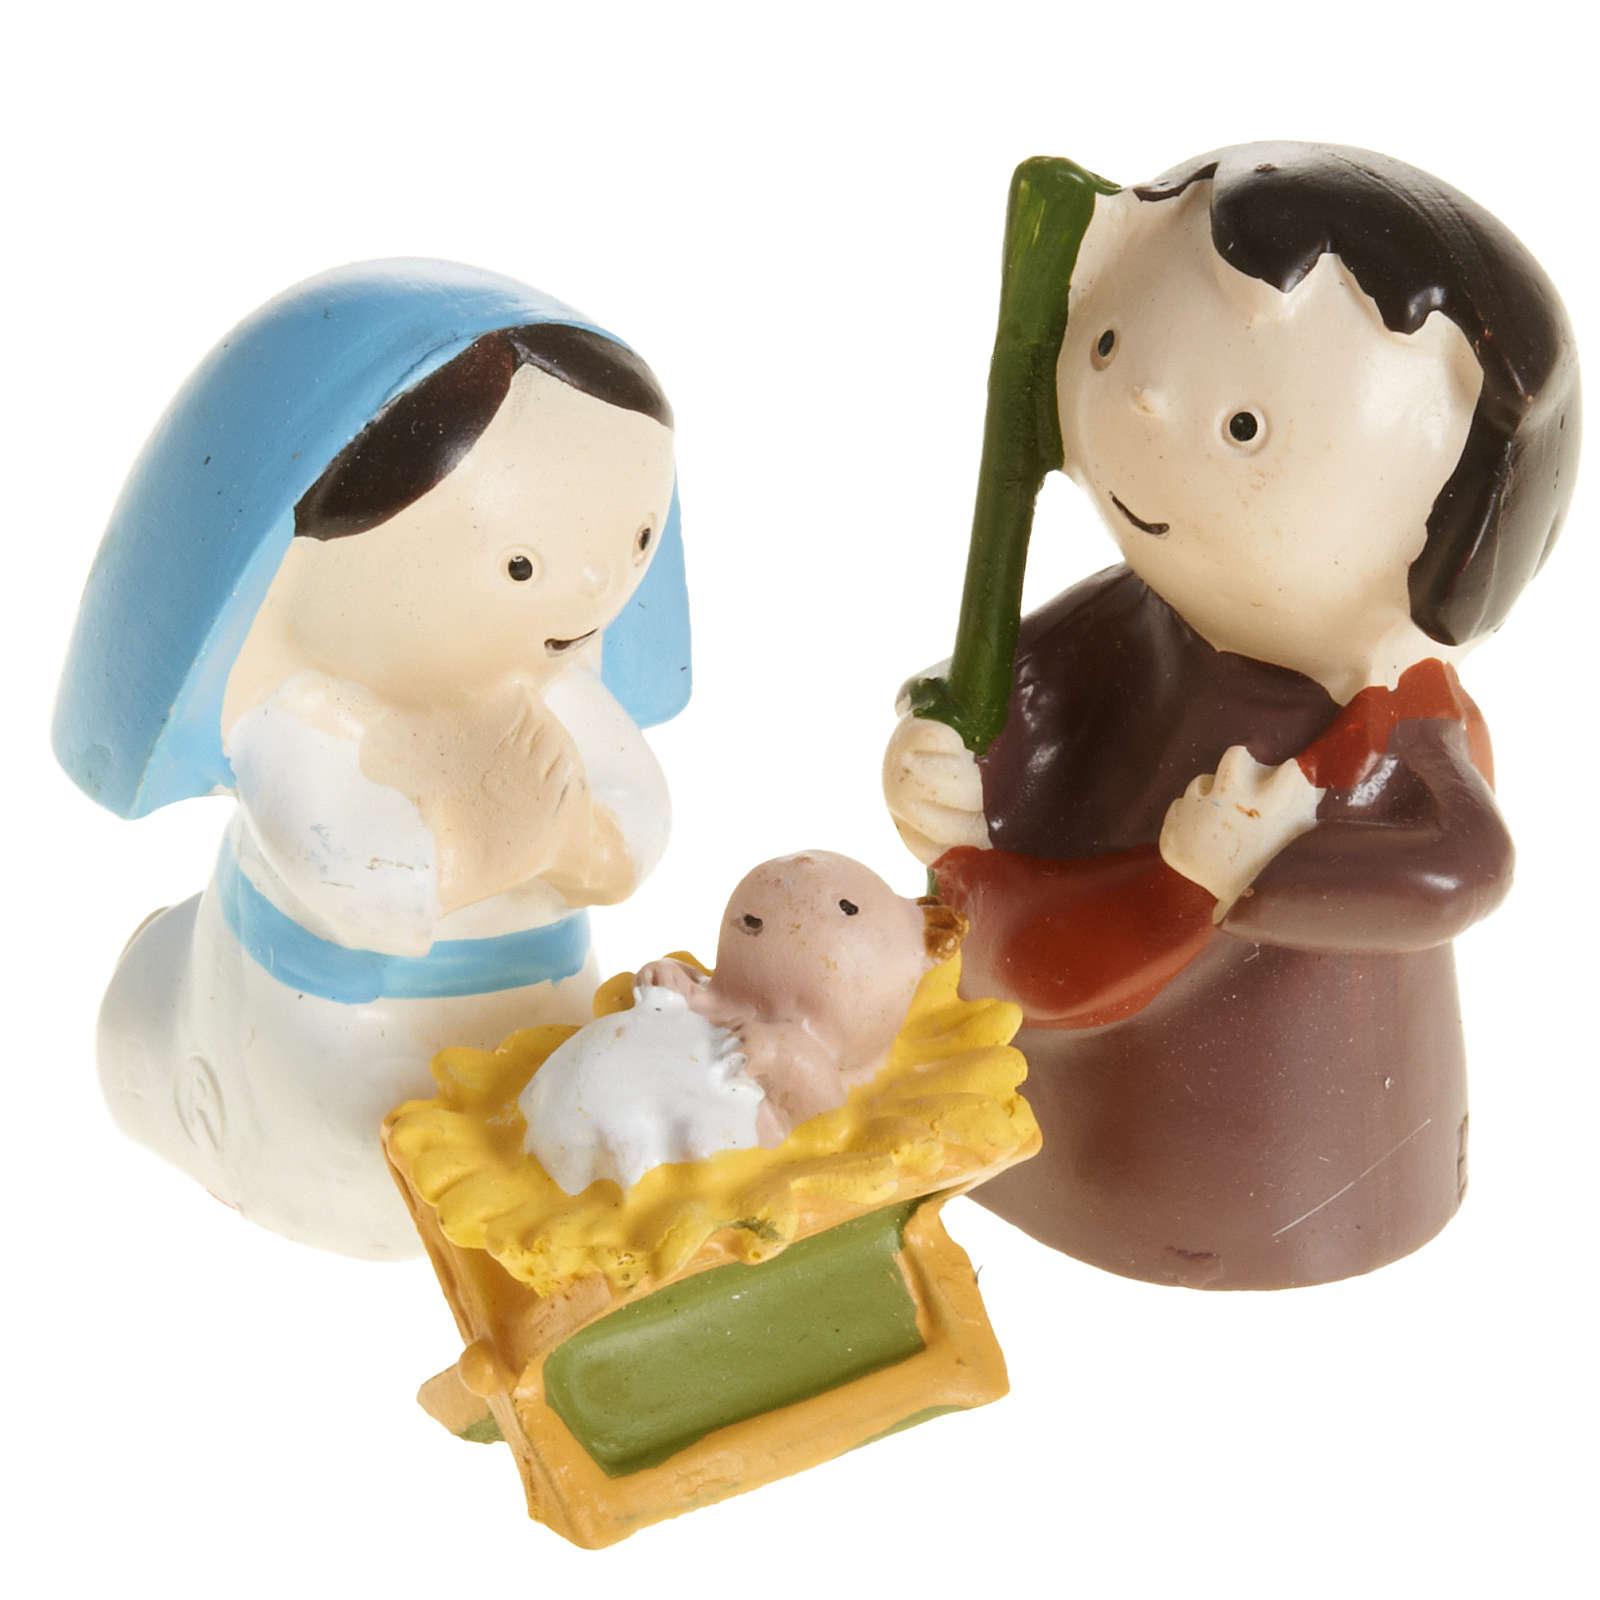 Nativité résine 3 pcs cm 4,5 3